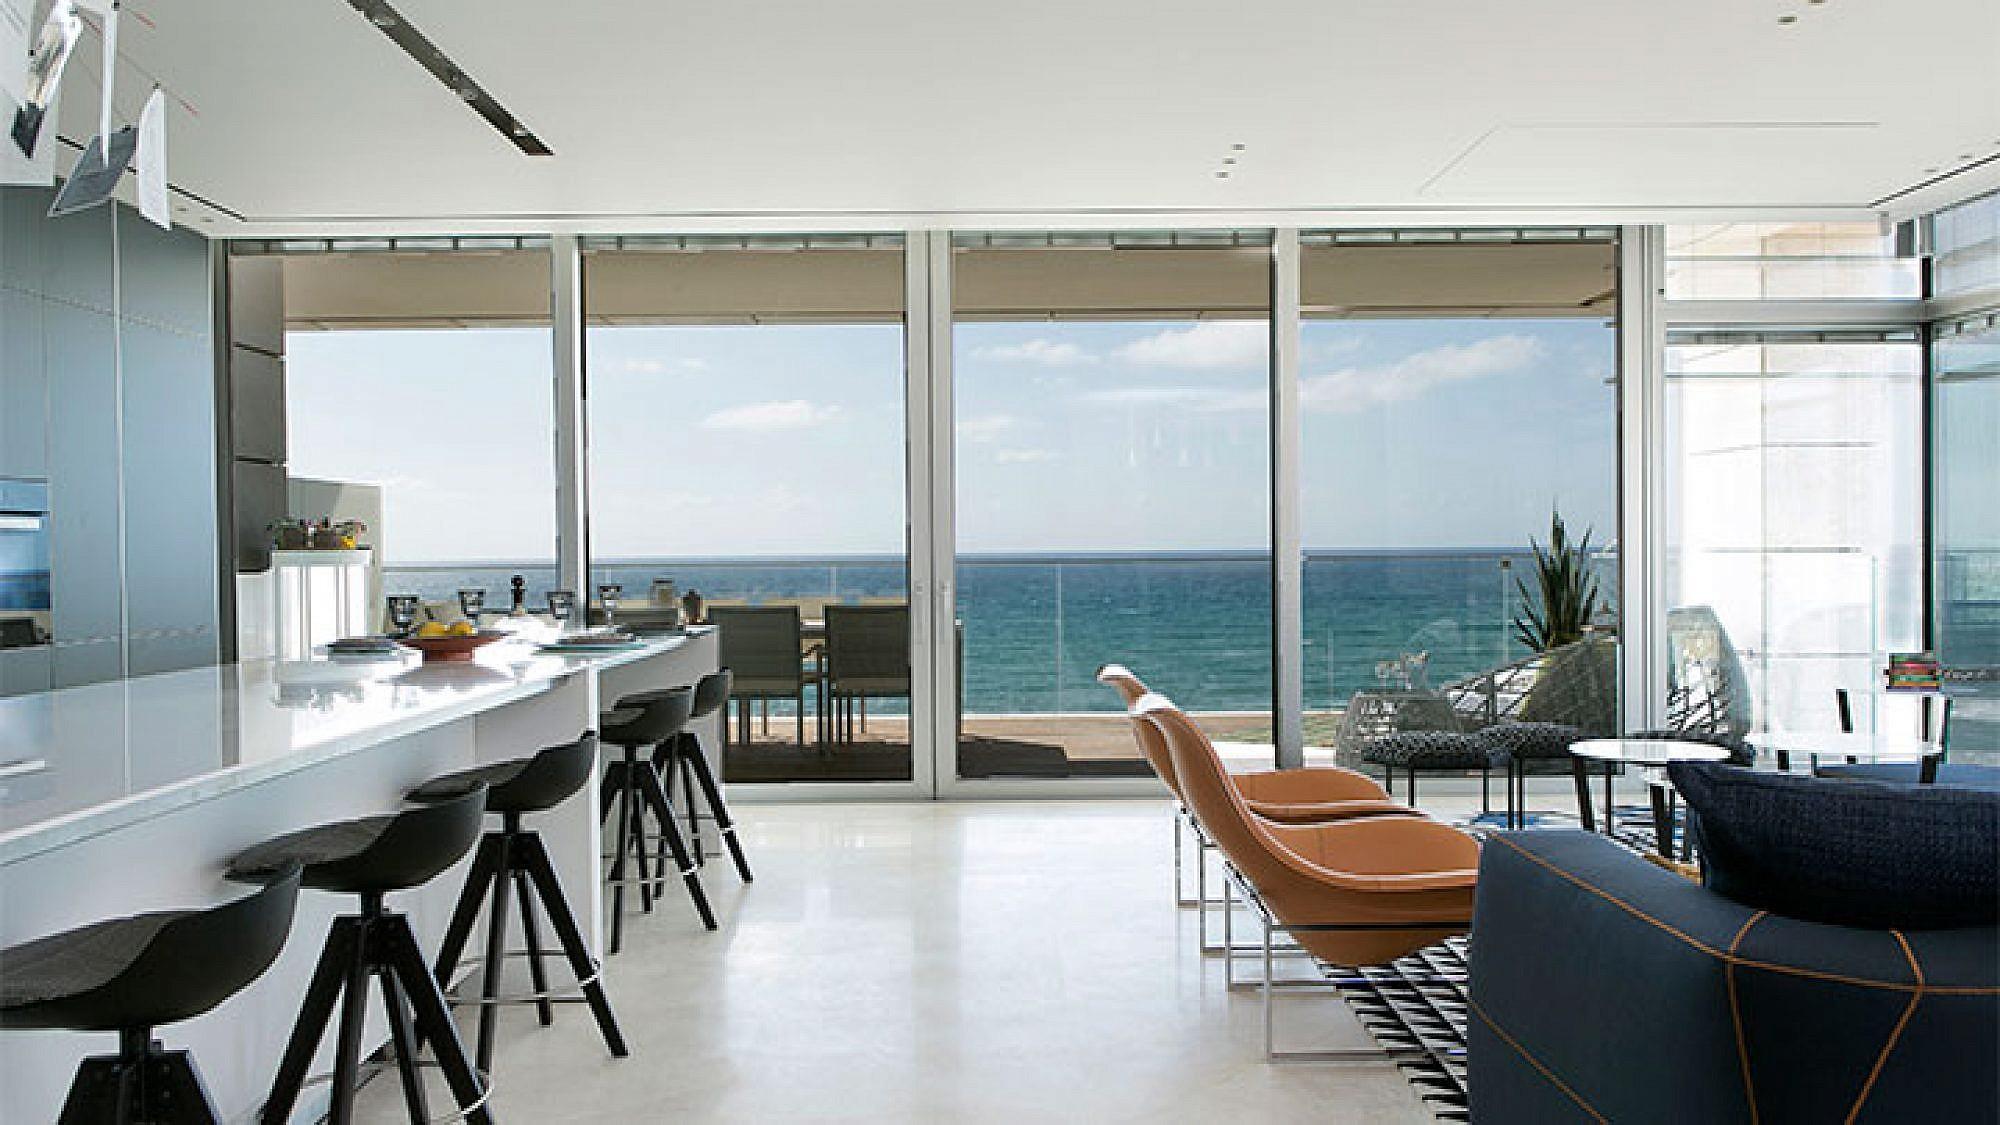 דירת נופש במגדל מגורים על הטיילת של תל אביב   צילום: שירן כרמל